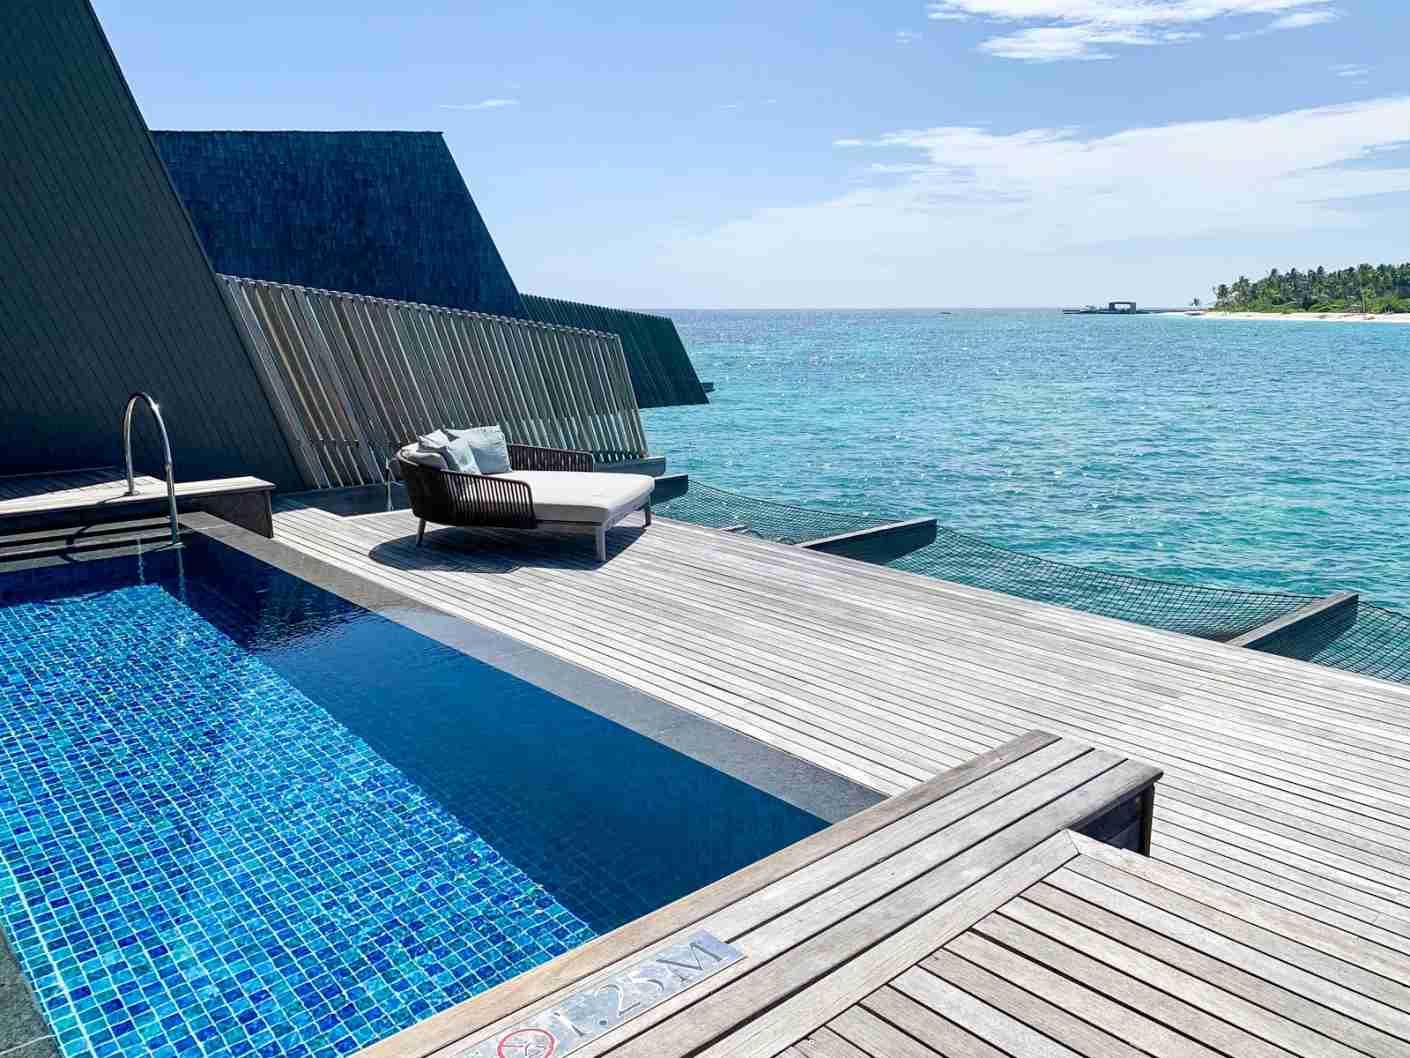 St. Regis Maldives. Photo by the author